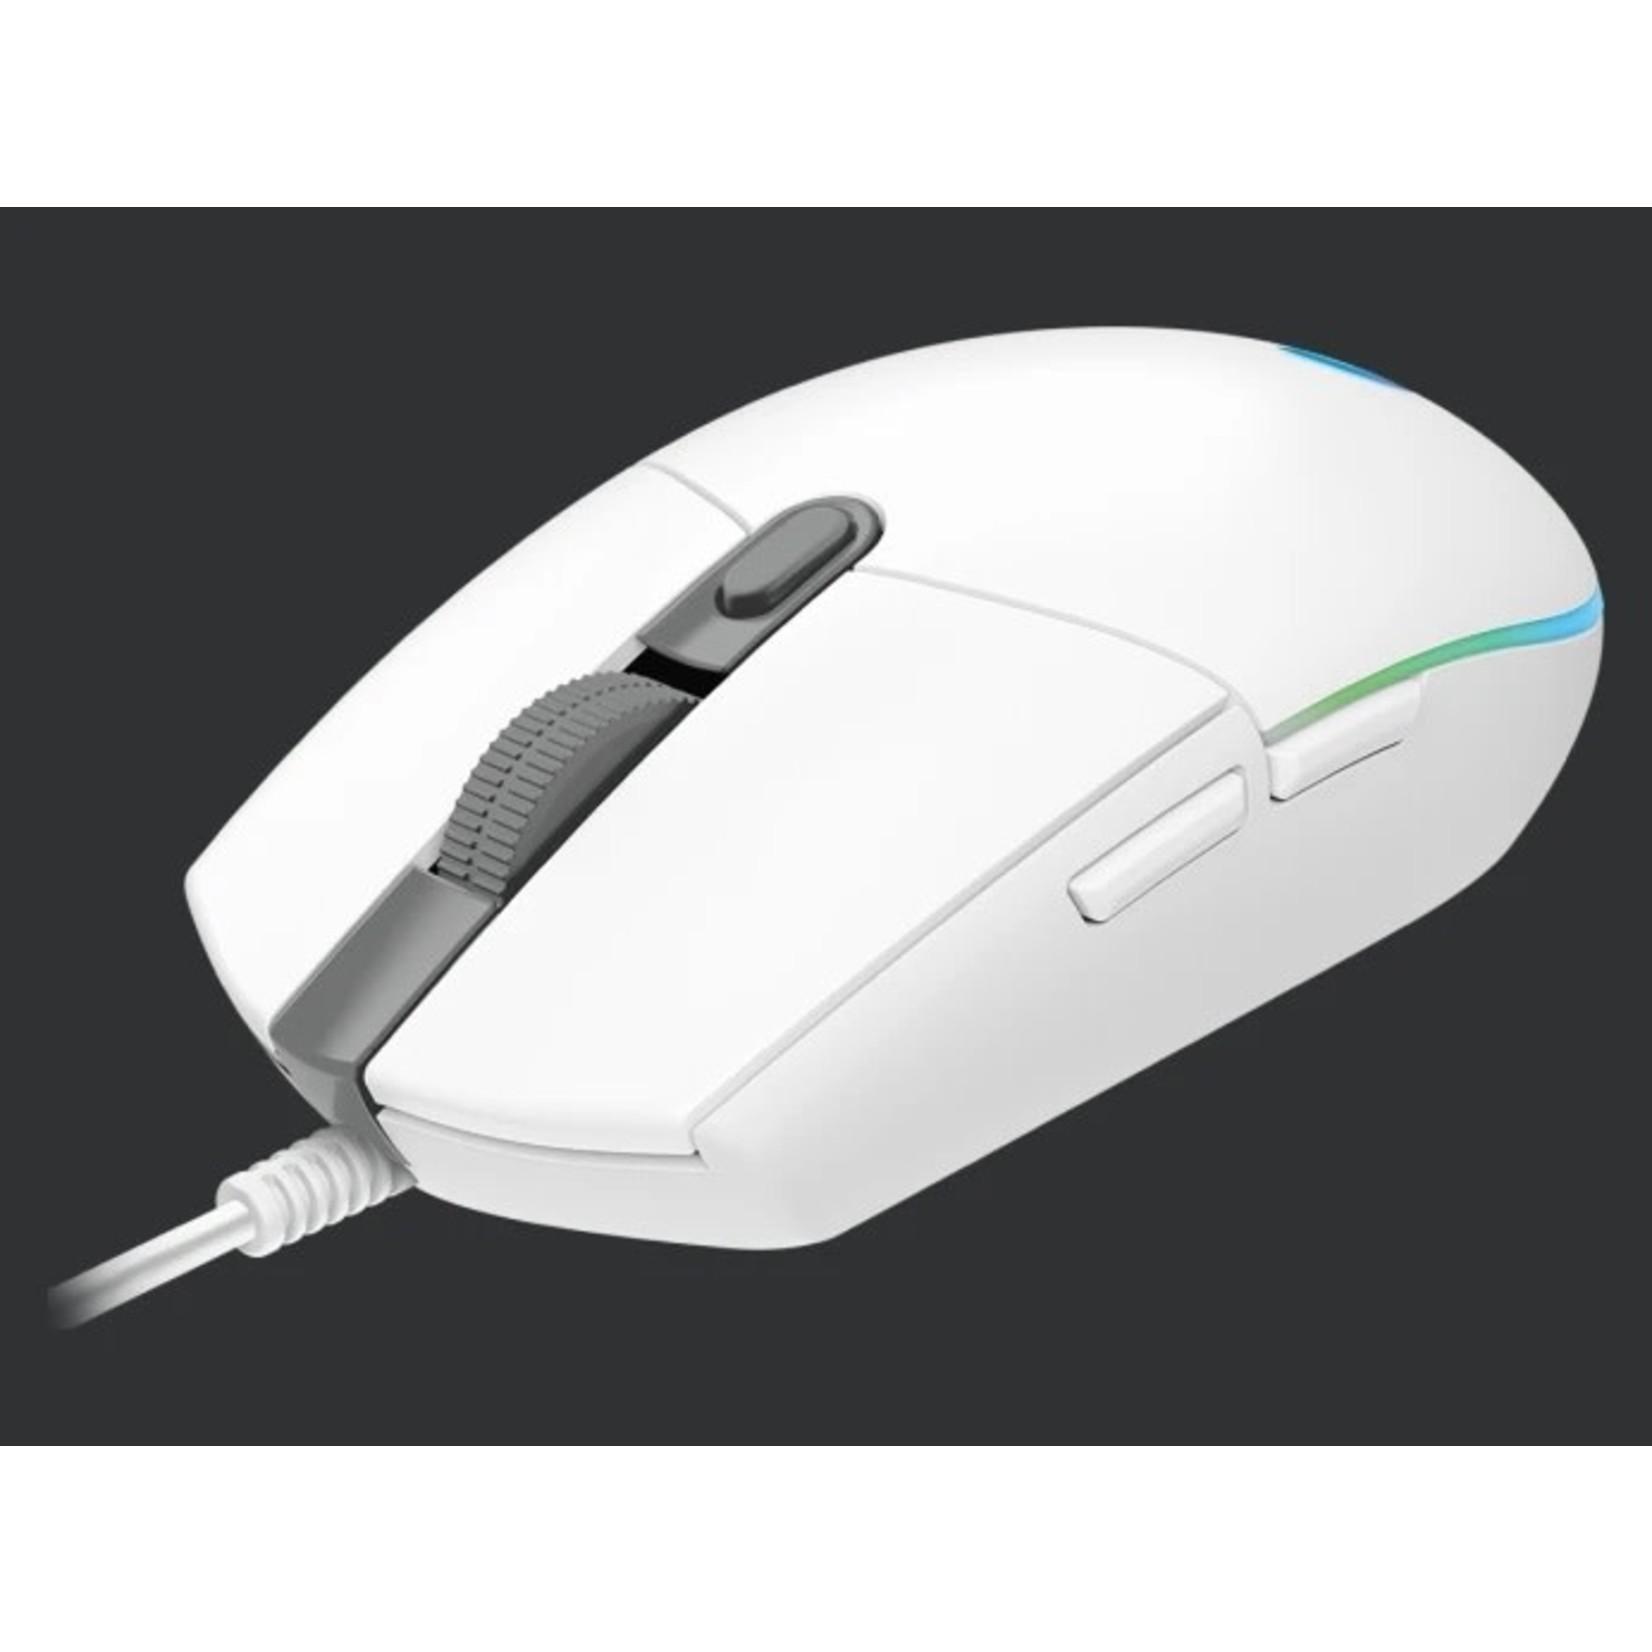 Logitech Logitech G203 Lightsync Gaming Mouse White